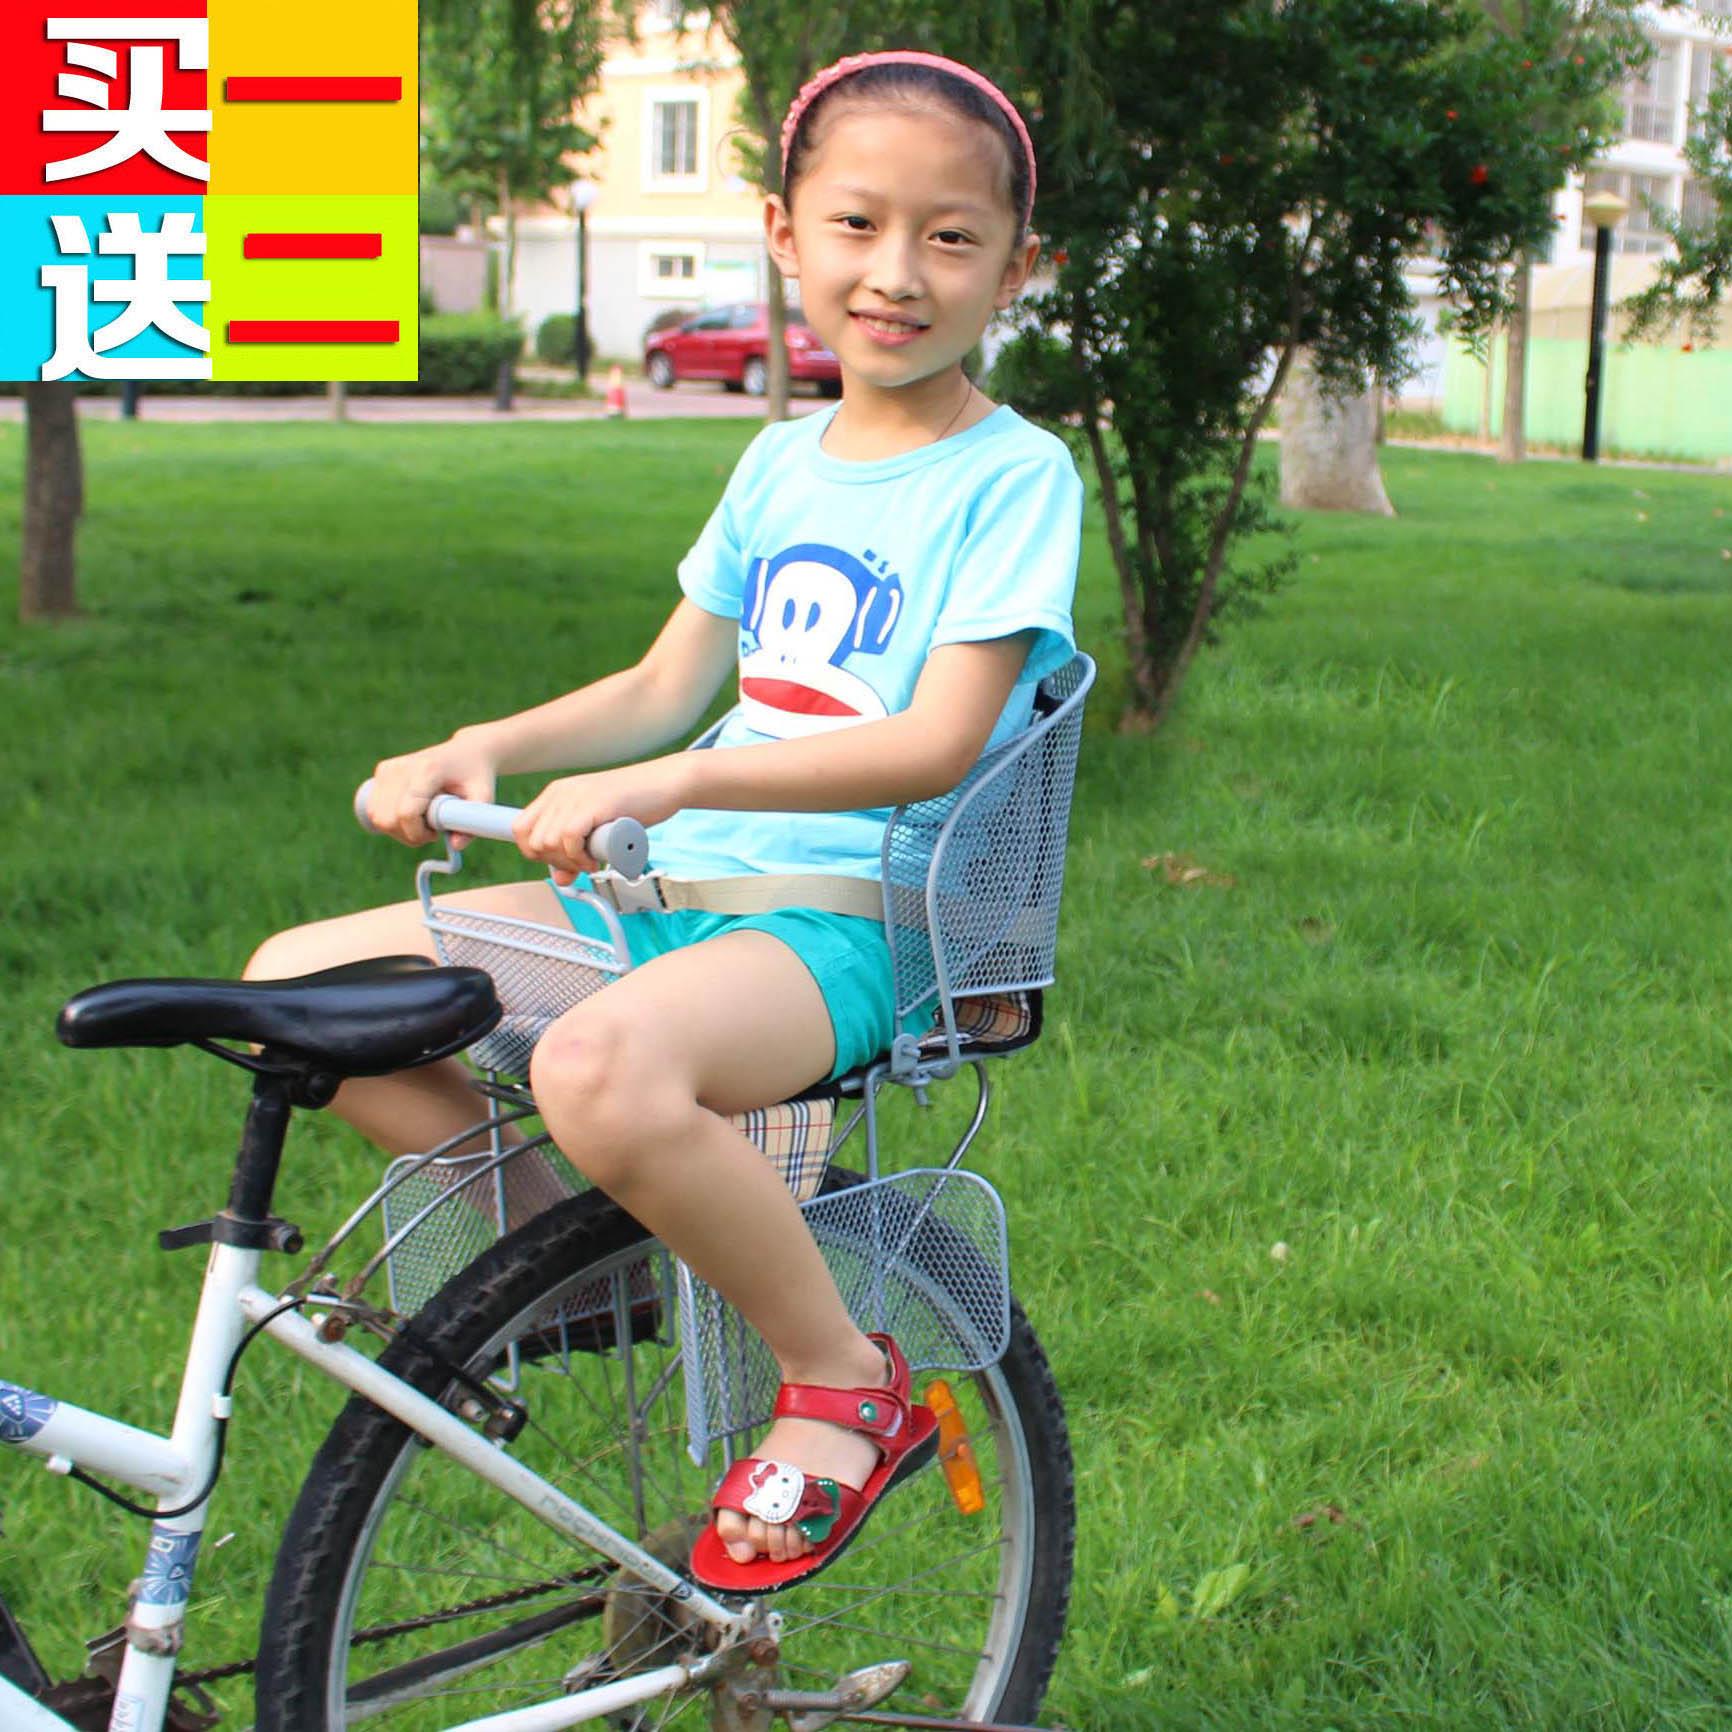 Детские сиденья для велосипедов - купить по выгодной цене в 27